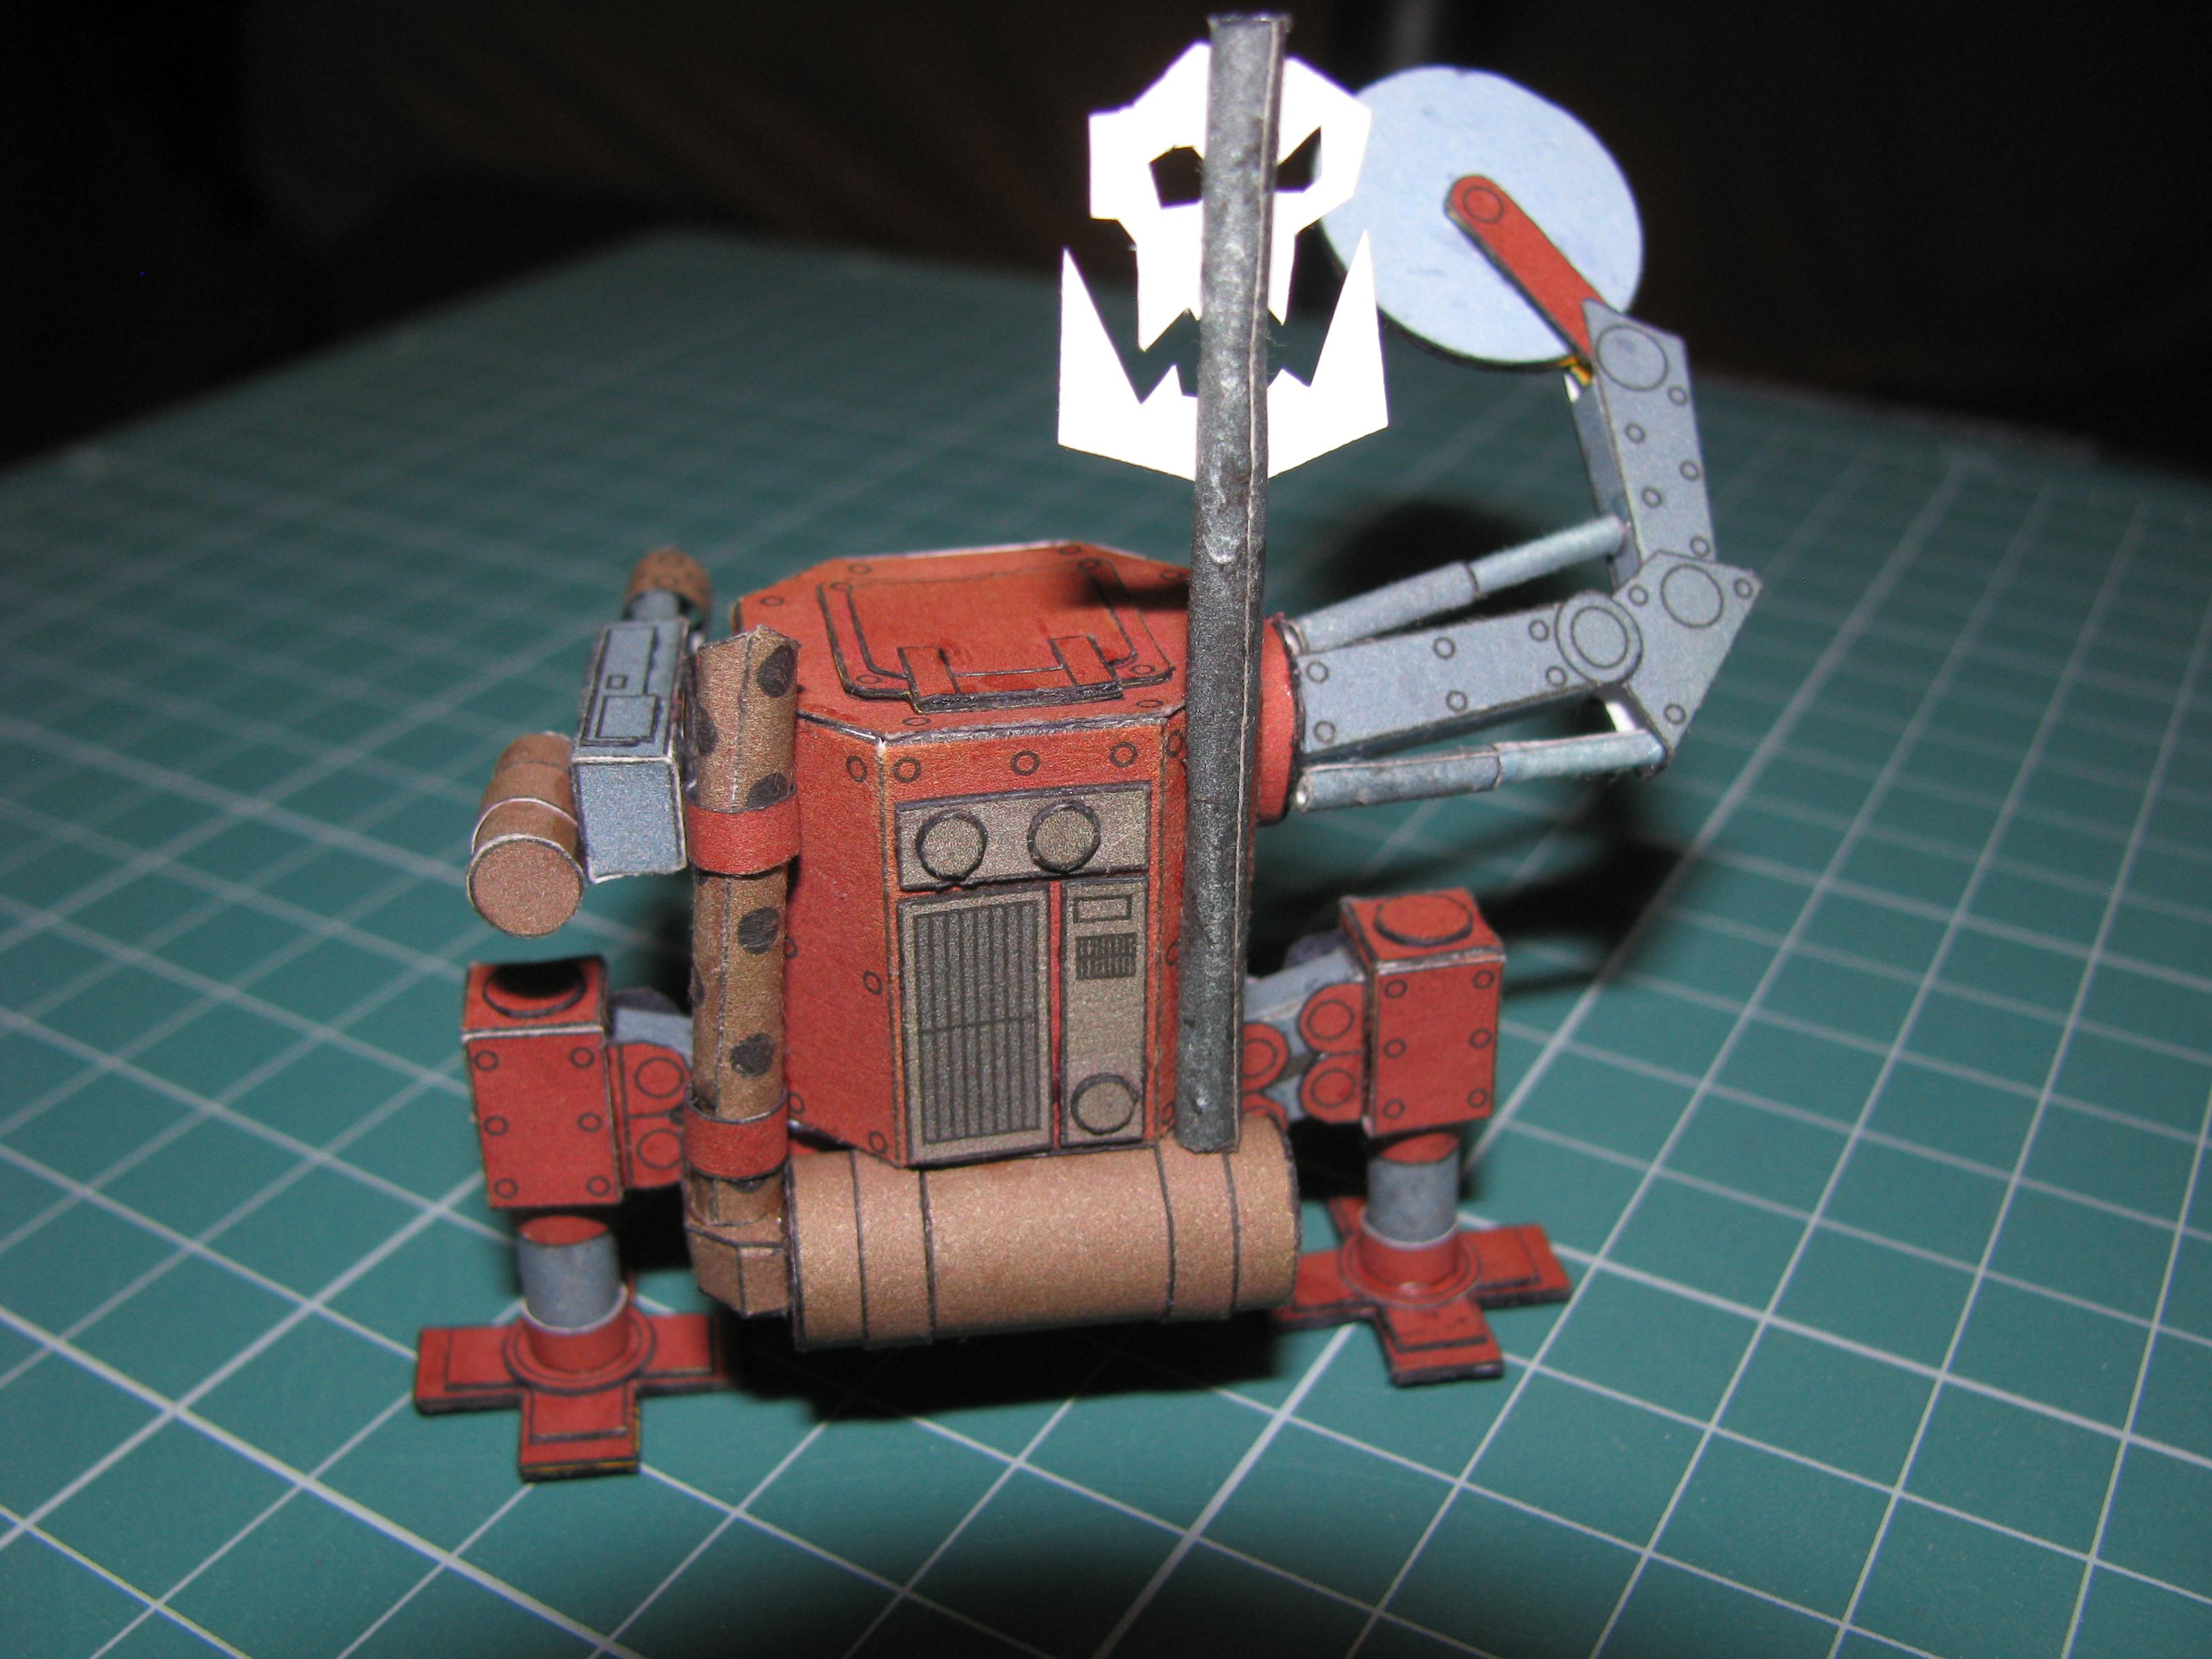 Ork Killa Kan - Warhammer 40k - Papercraft by kotlesiu